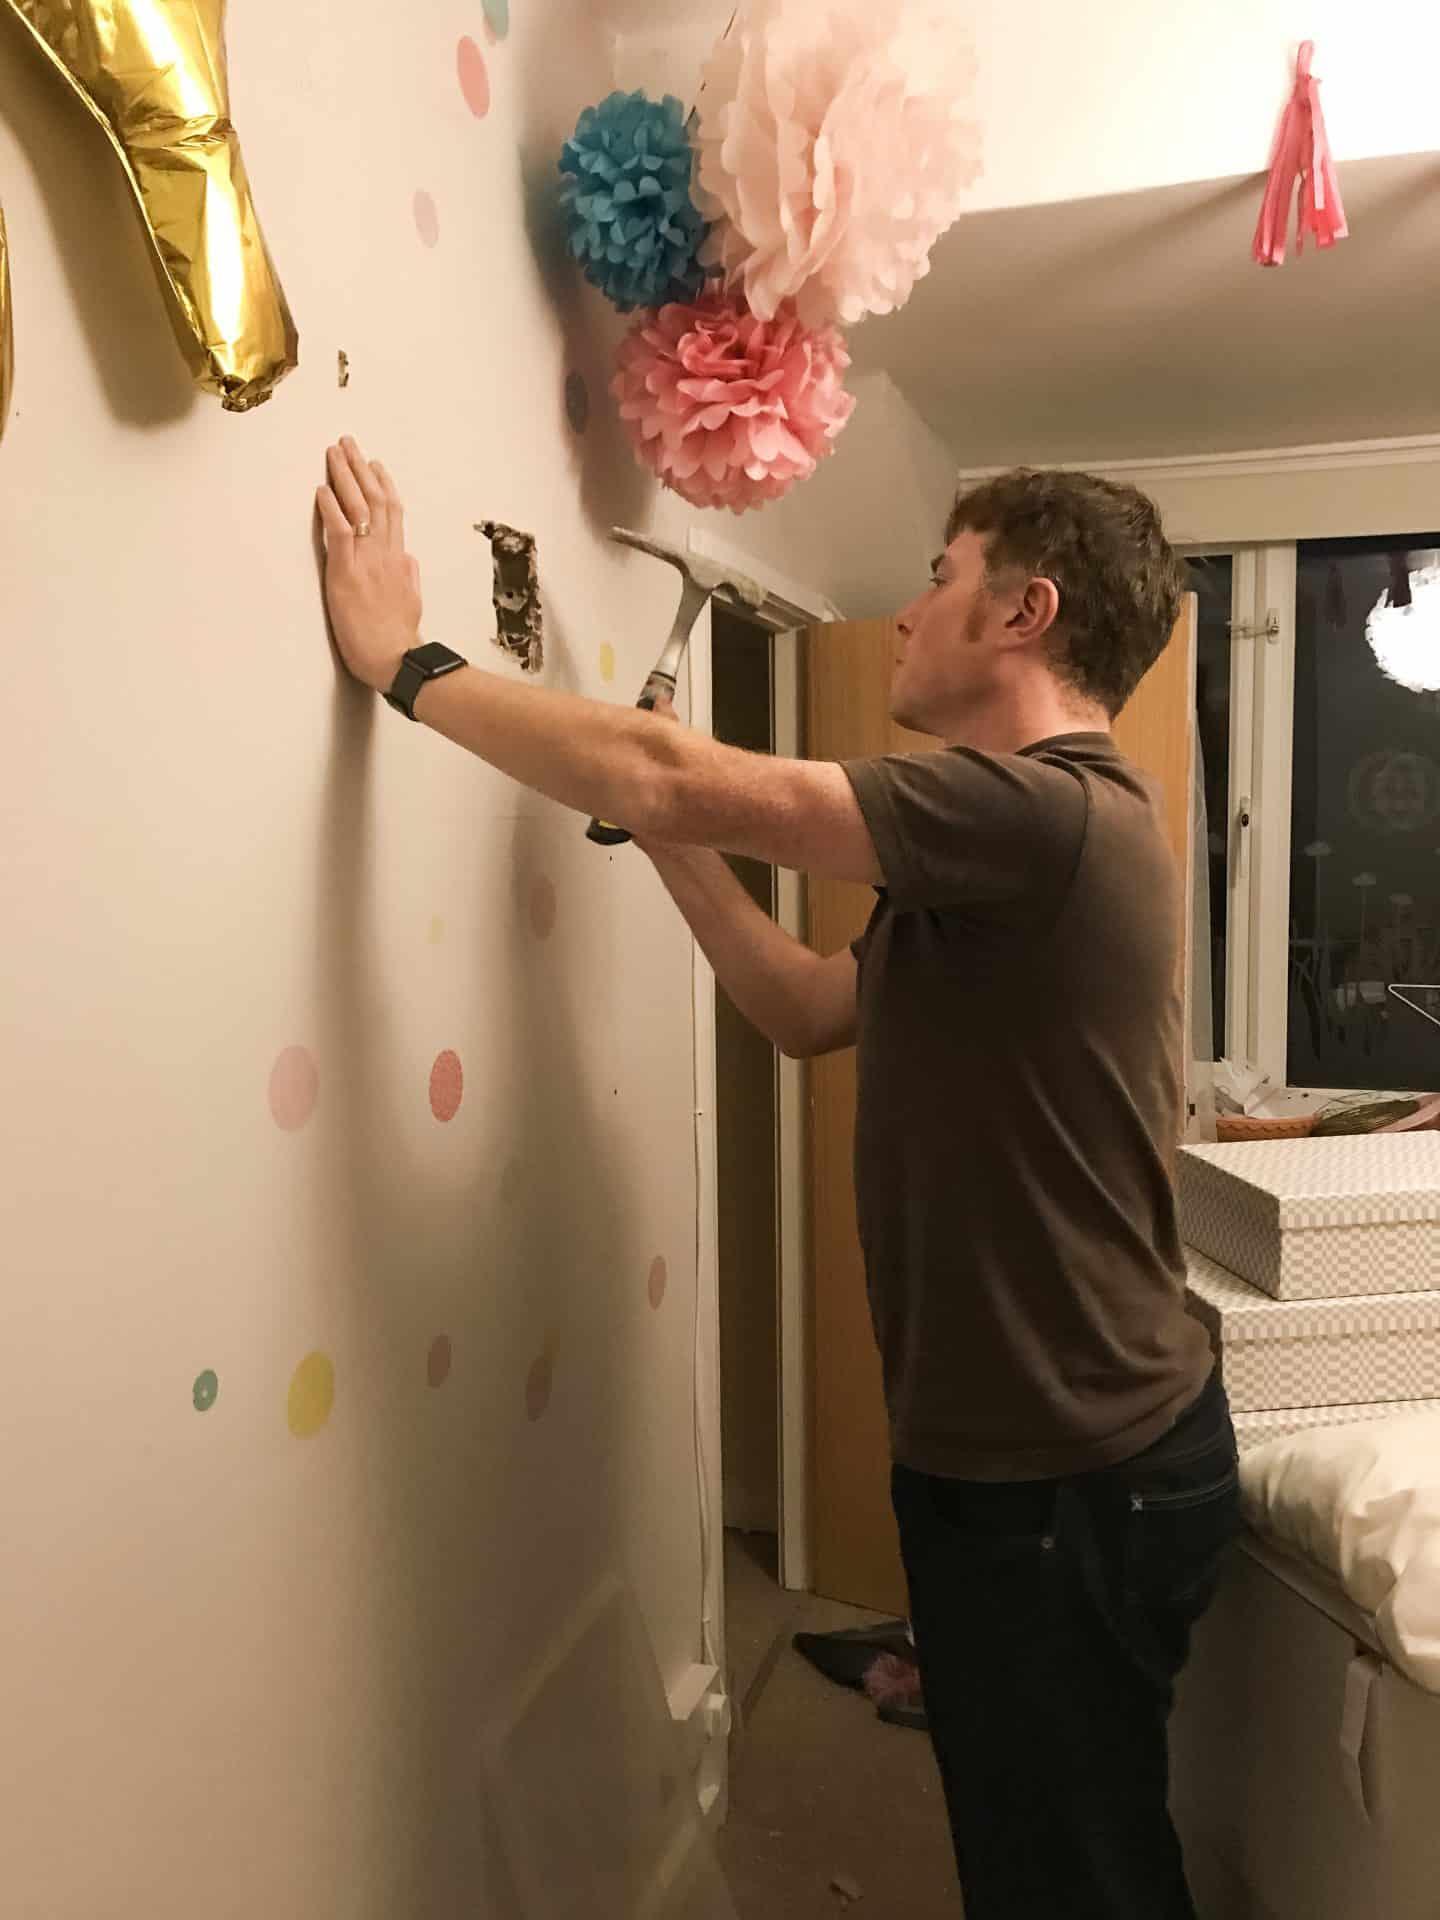 Making a window in a plasterboard wall